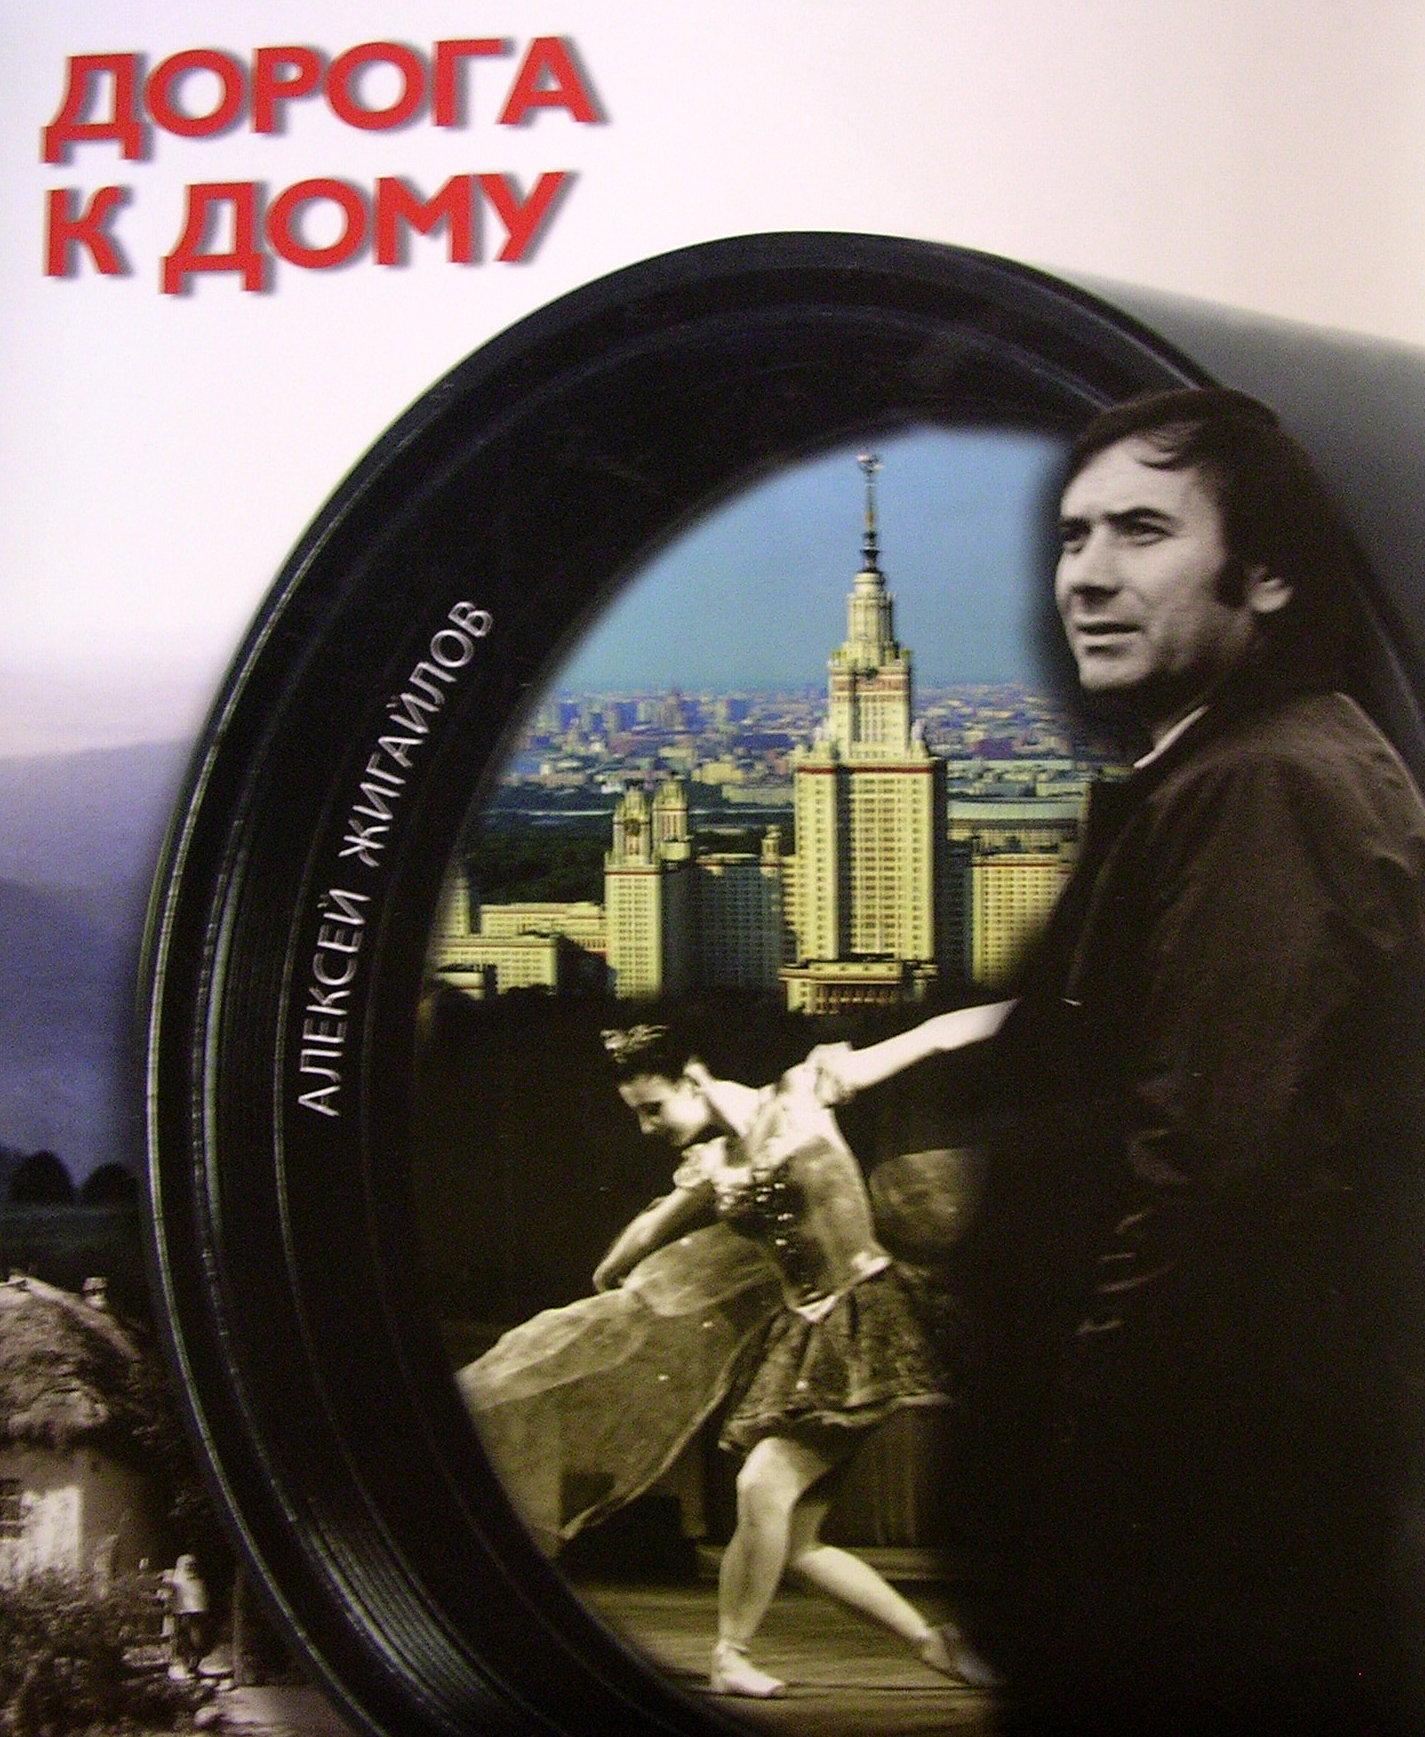 Дорога к дому+CD